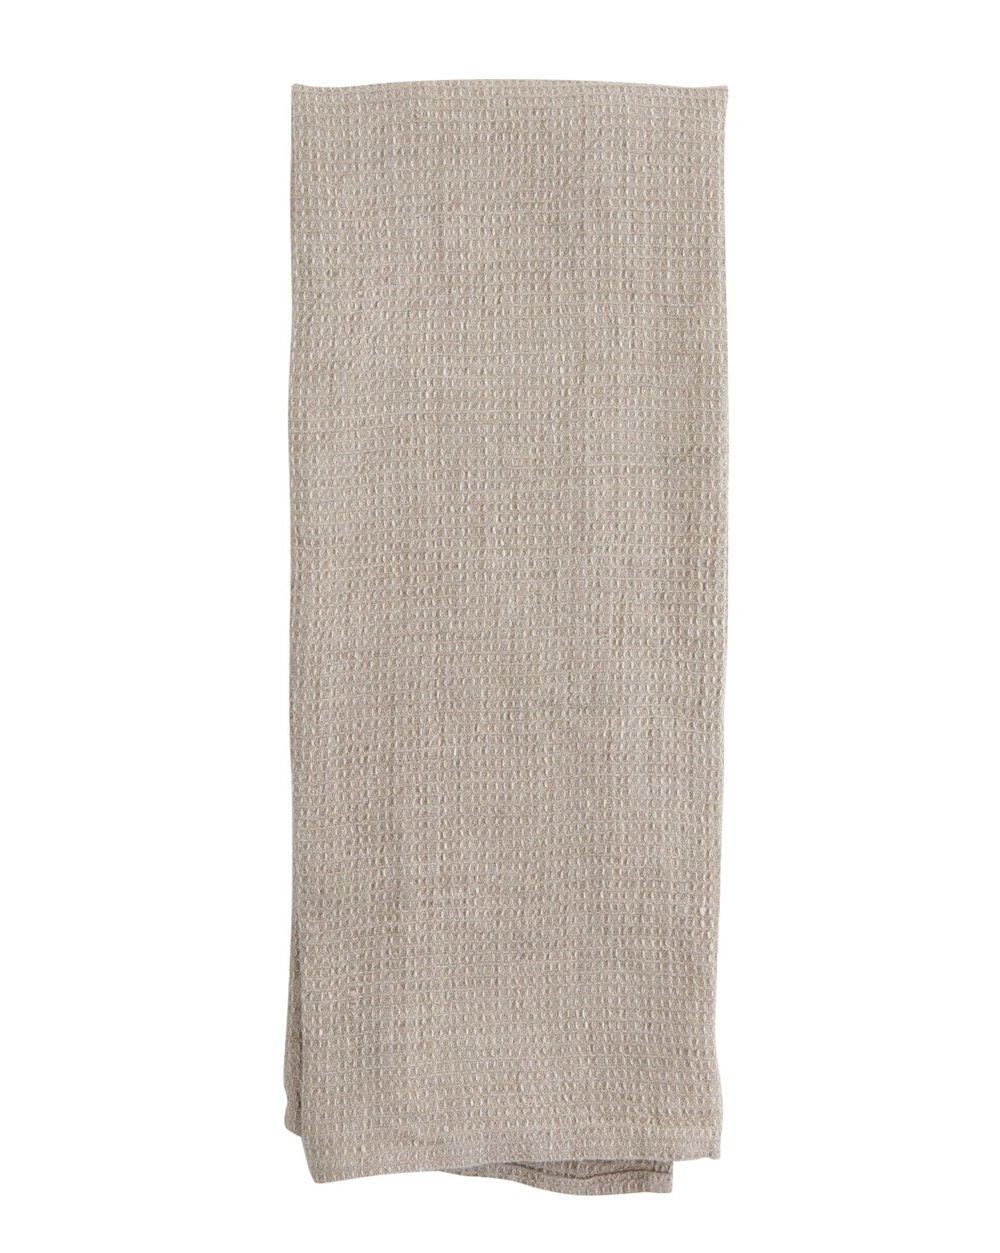 textured_linen_hand_towel6_f26abe11-b7af-43d2-bf83-09e507a16353.jpg